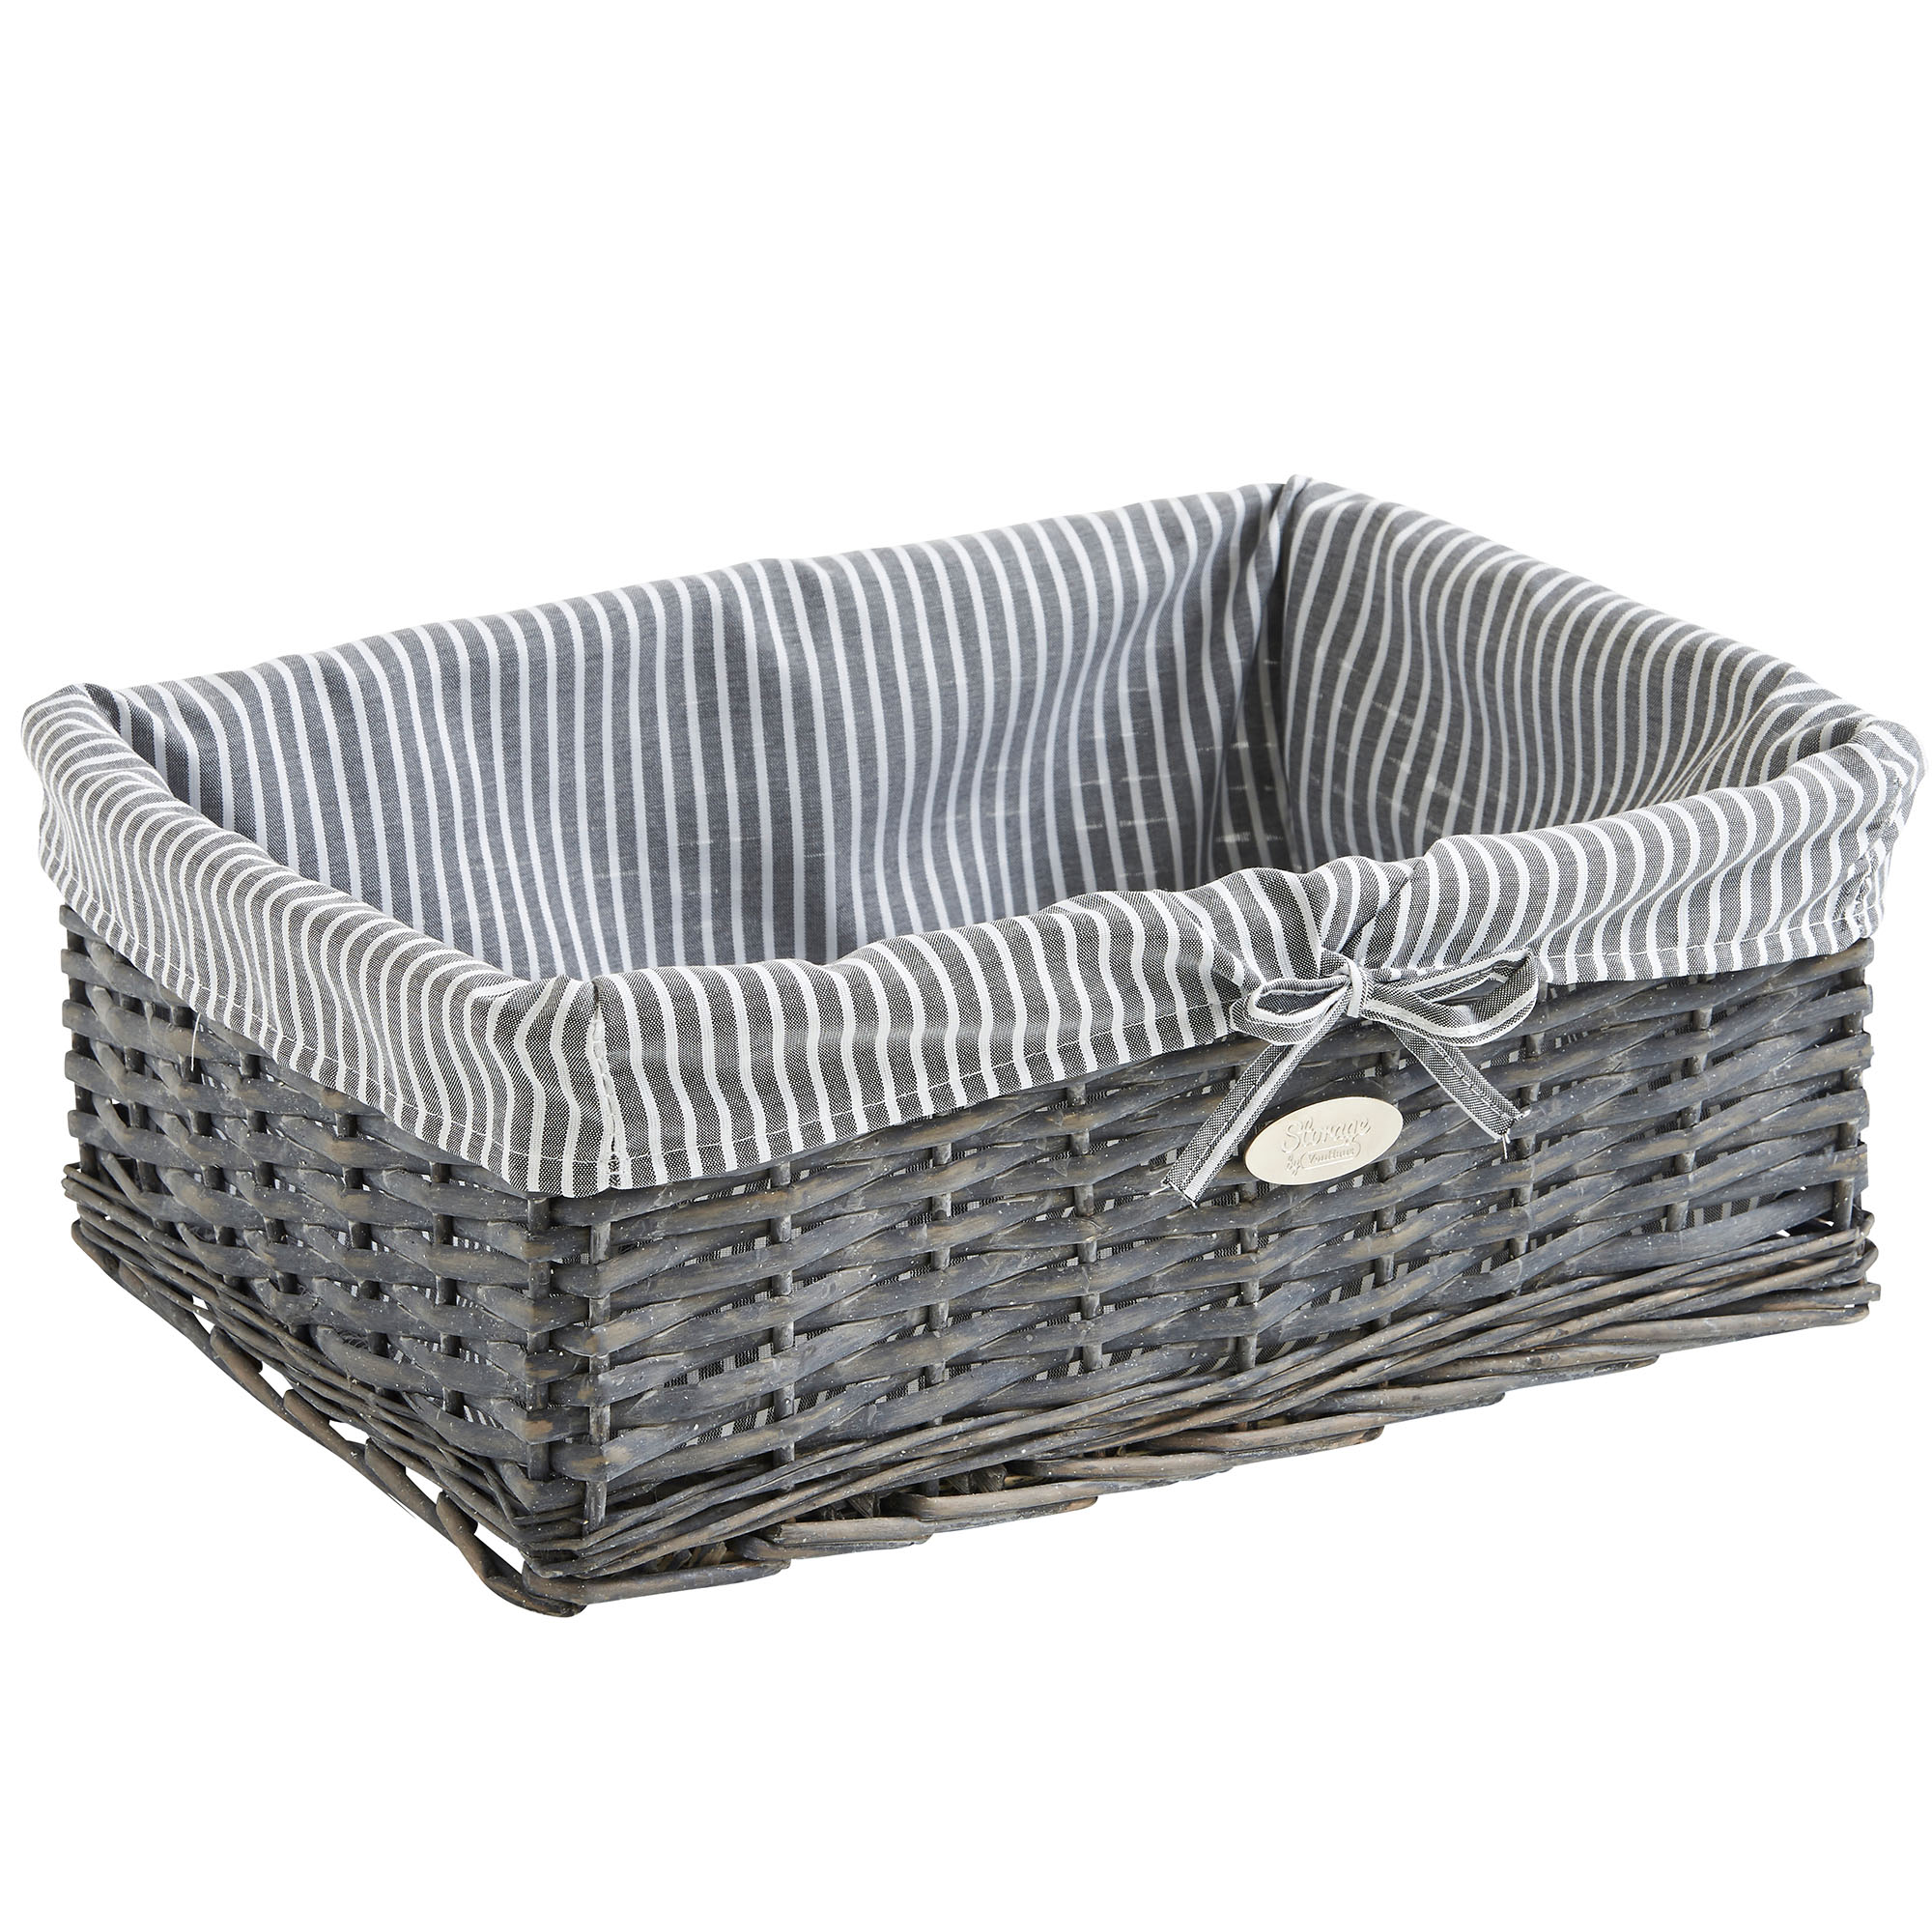 Grey Wash Wicker Storage Basket: VonHaus Set Of 3 Grey Wicker Storage Baskets With